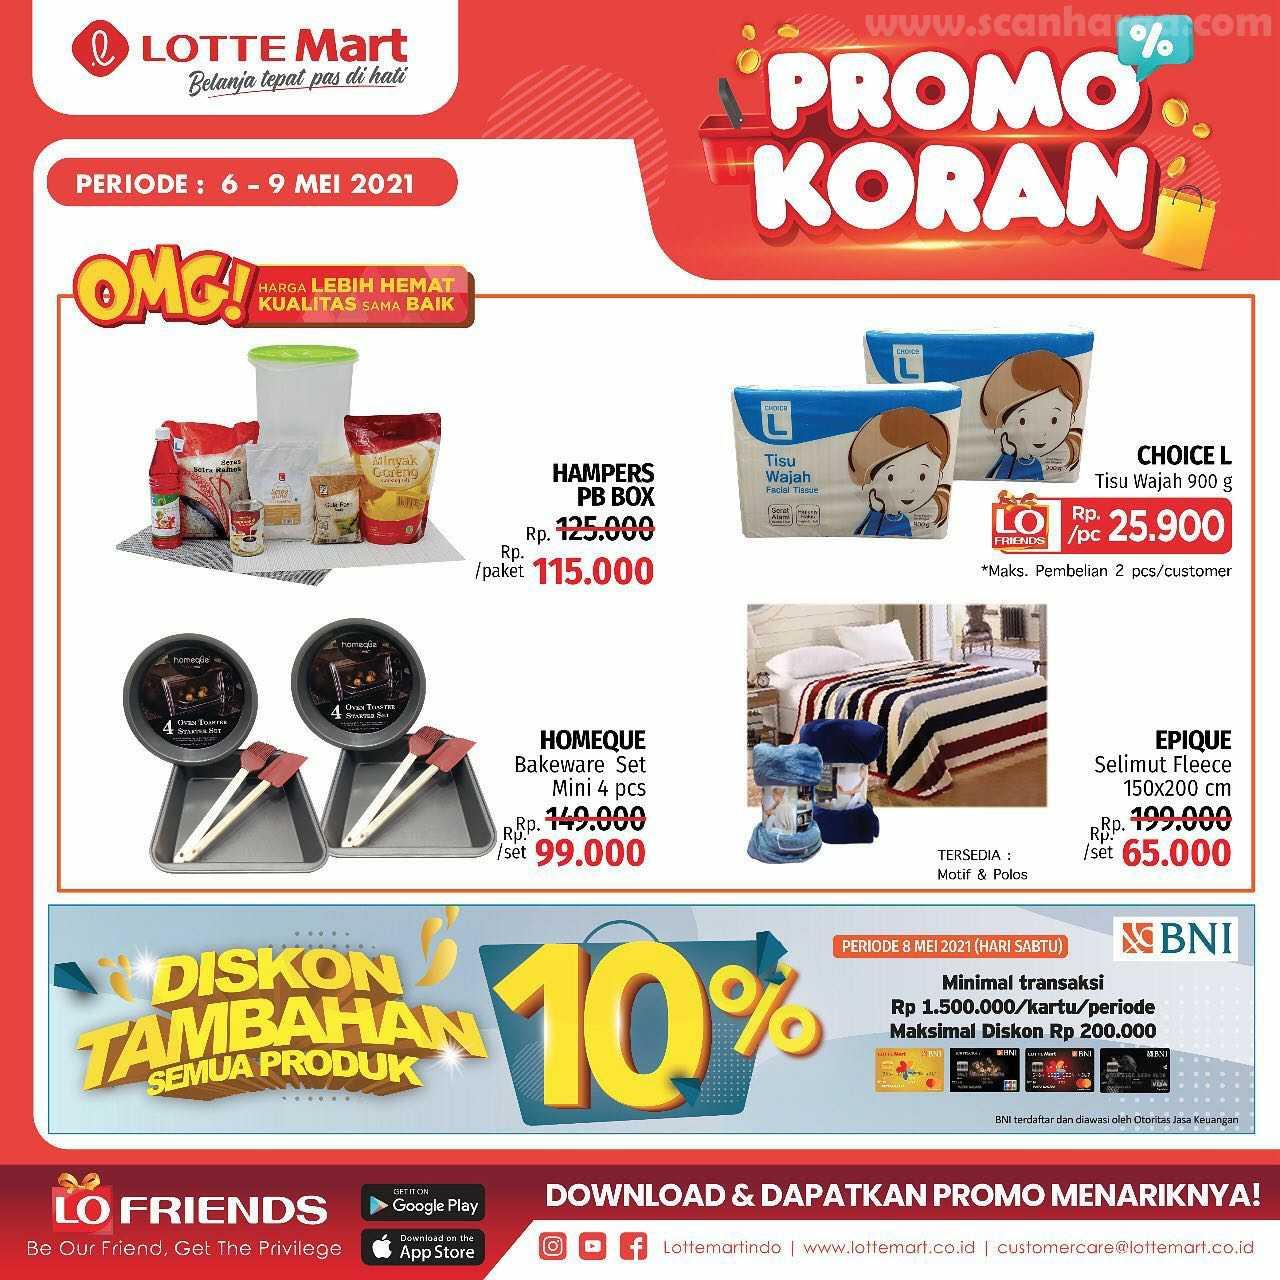 Katalog Promo Lottemart Weekend 6 - 9 Mei 2021 8